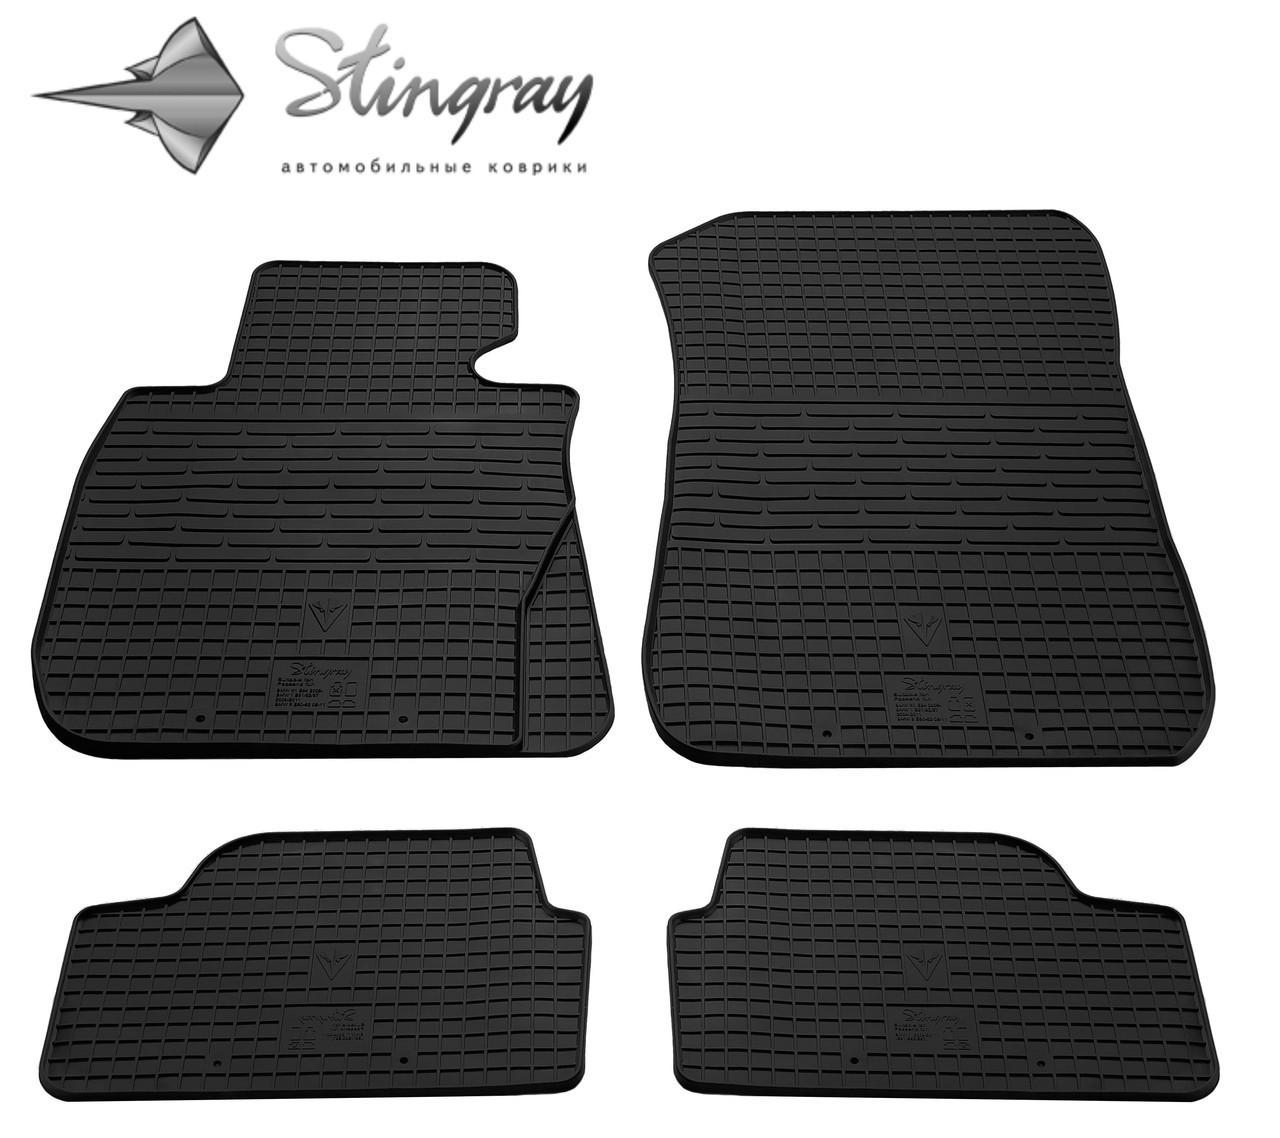 Автомобільні килимки BMW 1 (E82) 2004 - Stingray